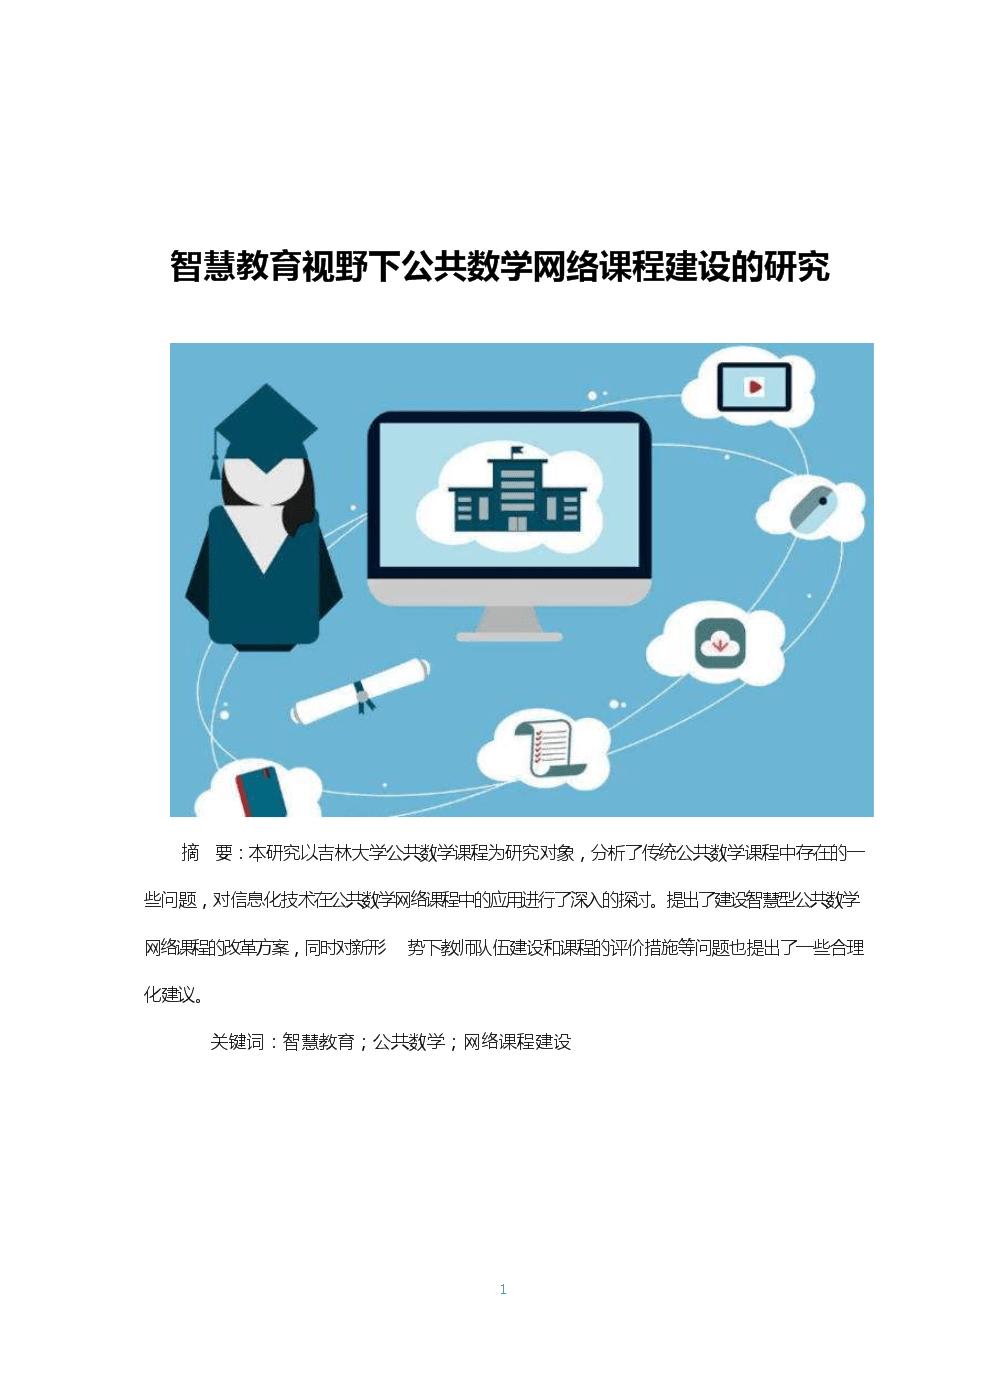 智慧教育视野下公共数学网络课程建设的研究.docx